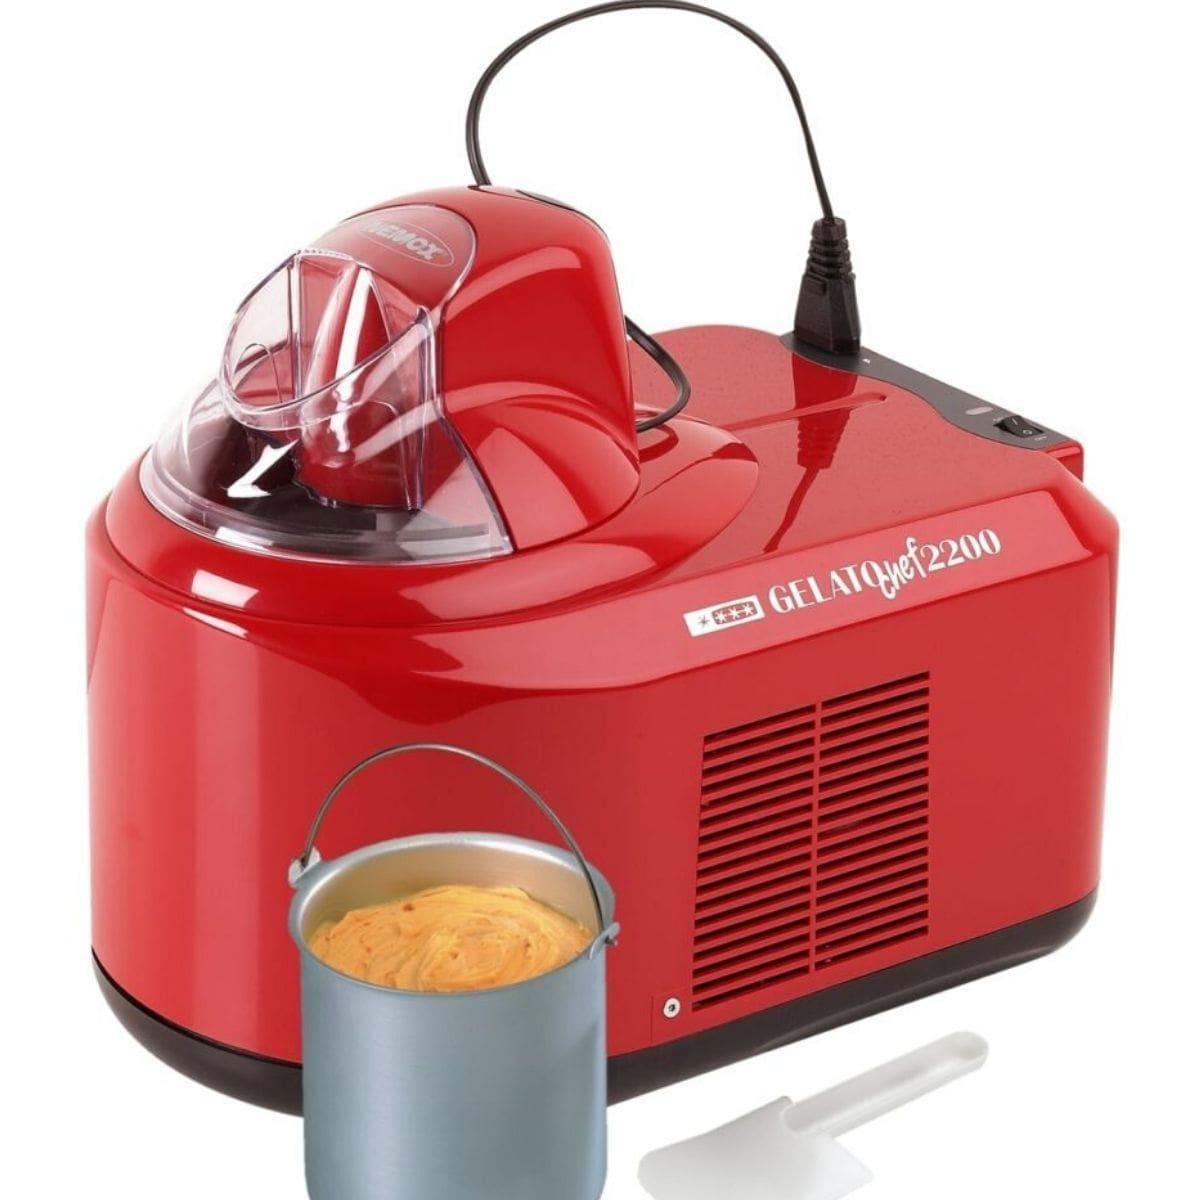 Мороженица Nemox Gelato Chef 2200 Rosso красная 1,5 л (автоматическая)